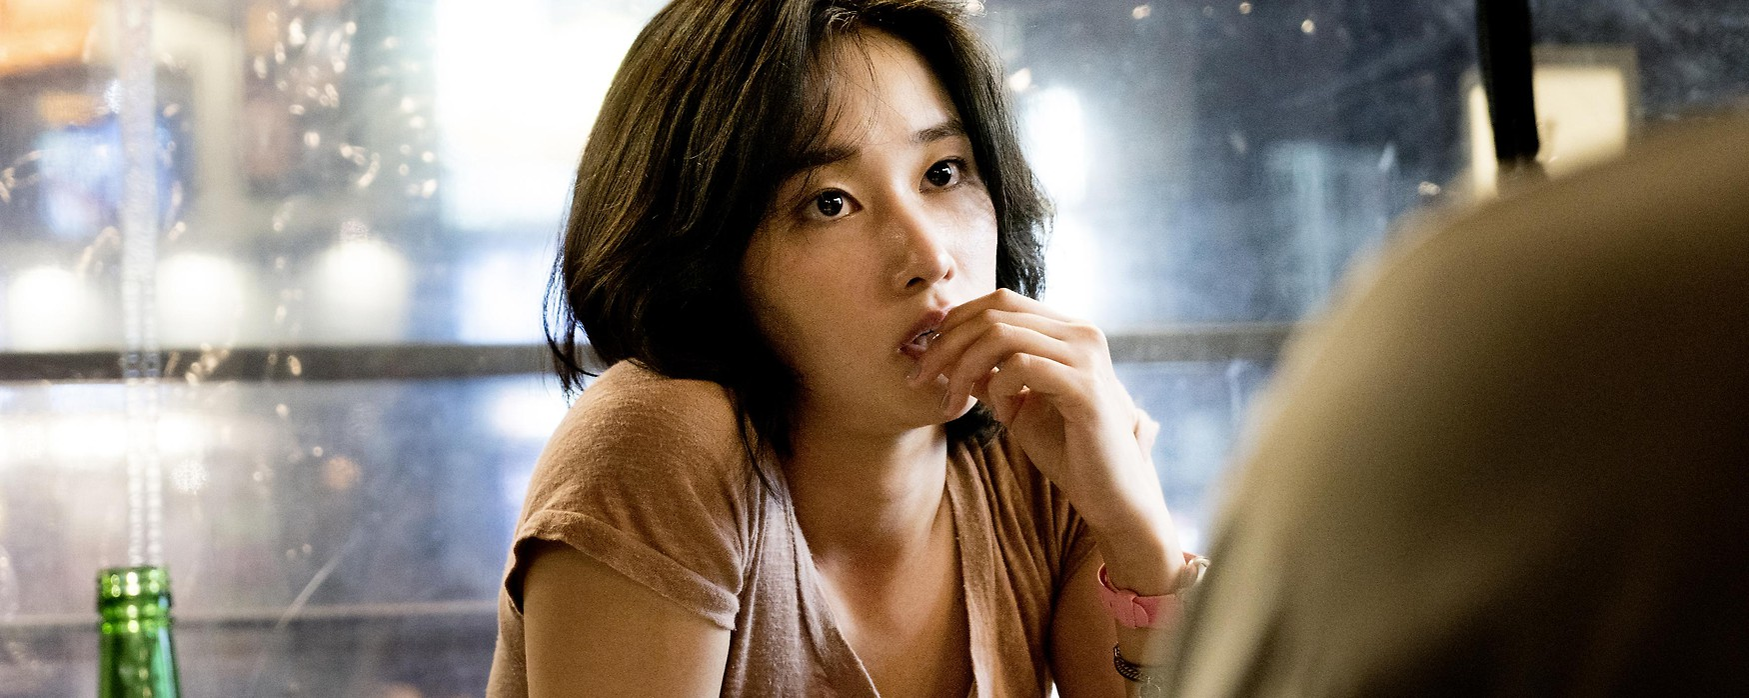 """Filmstill aus """"Beo Ning""""; ein südkoreanischer Film, inspiriert von einer Kurzgeschichte Haruki Murakamis"""